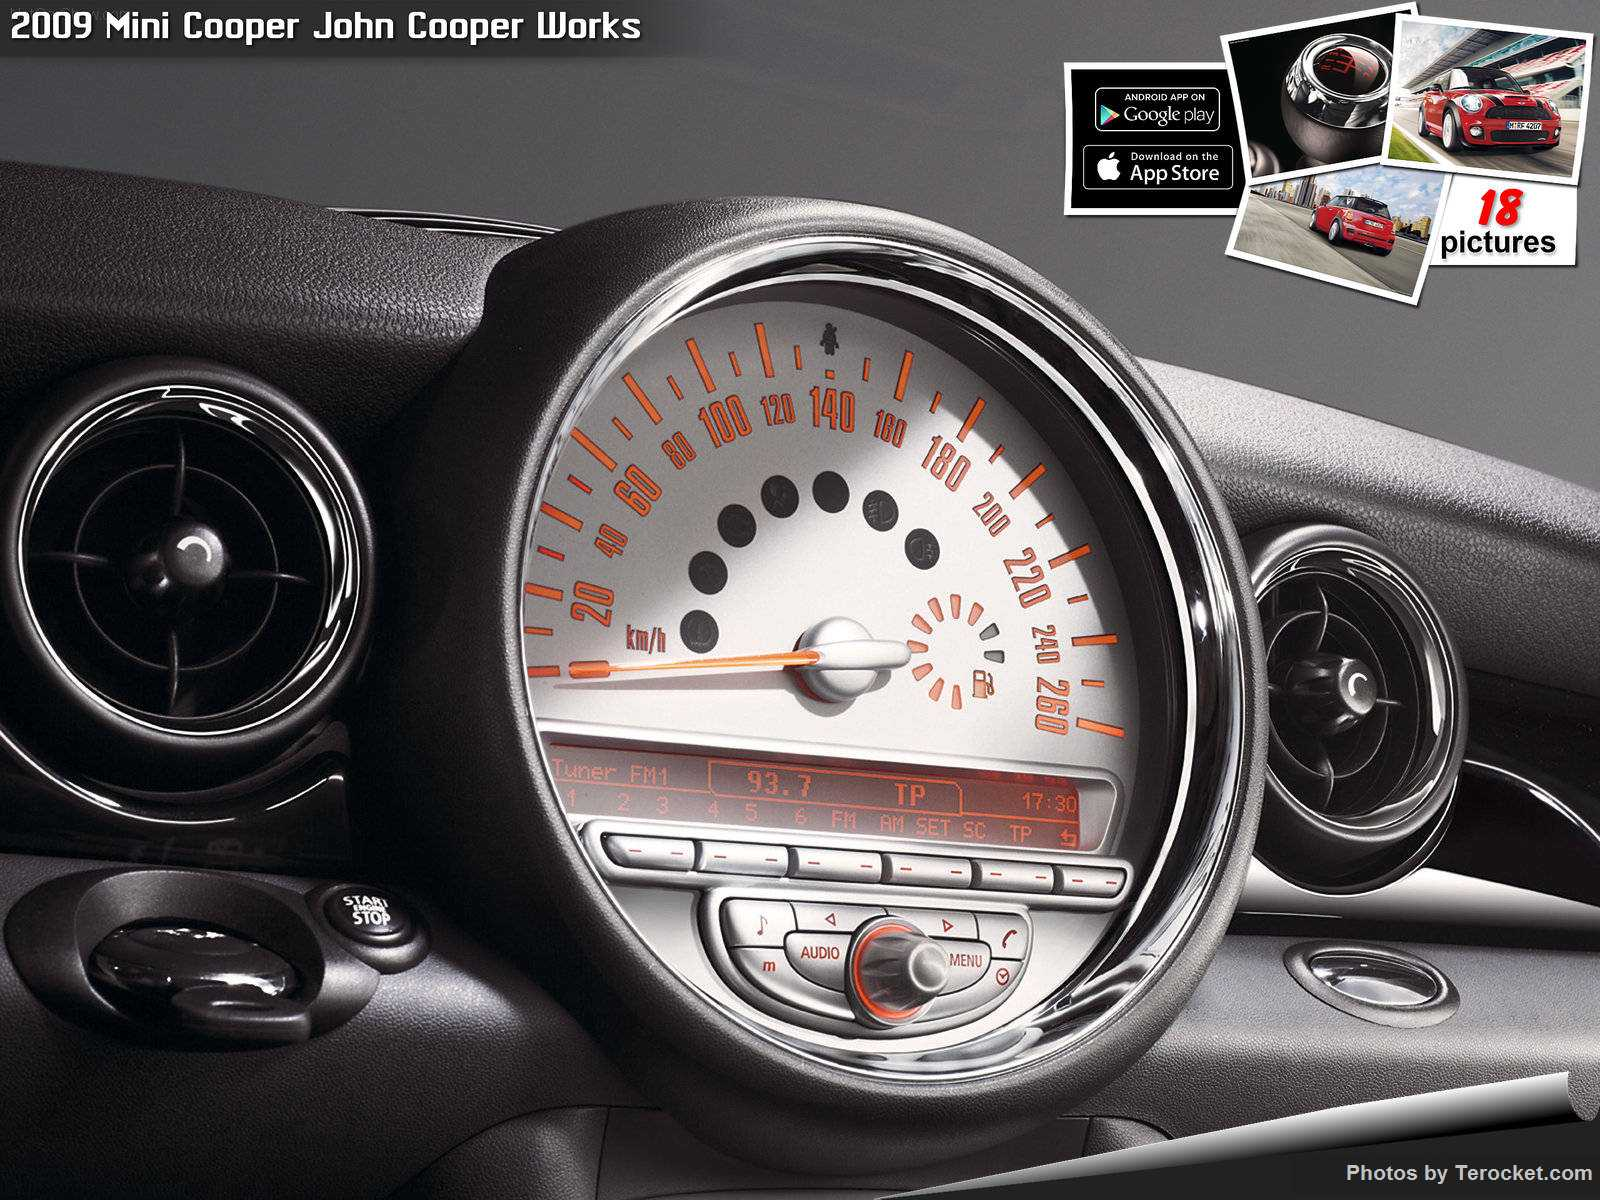 Hình ảnh xe ô tô Mini Cooper John Cooper Works 2009 & nội ngoại thất